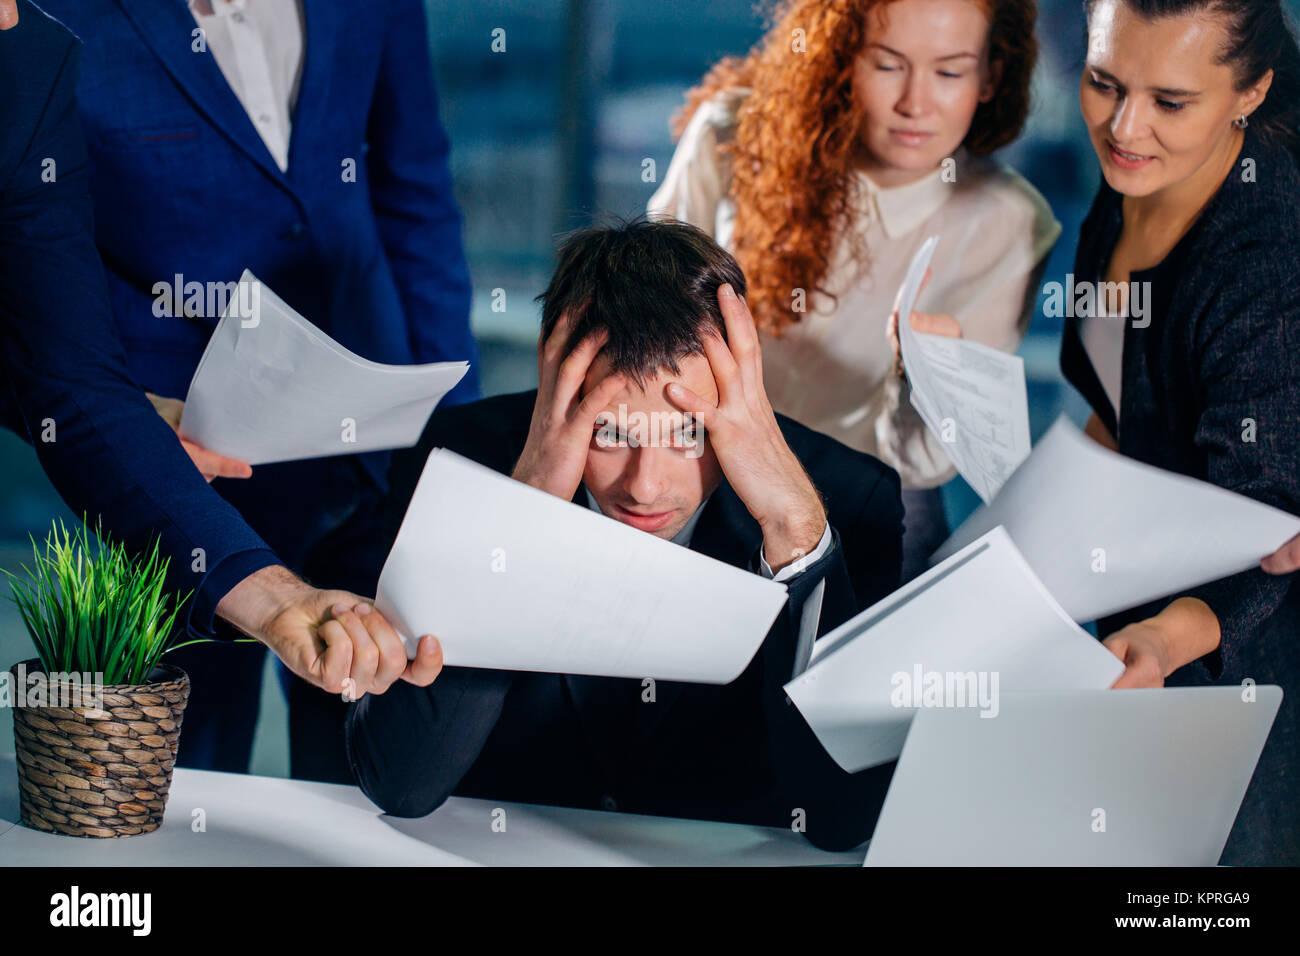 Ha sottolineato il business man in Office circondato da colleghi con documenti in mani Immagini Stock